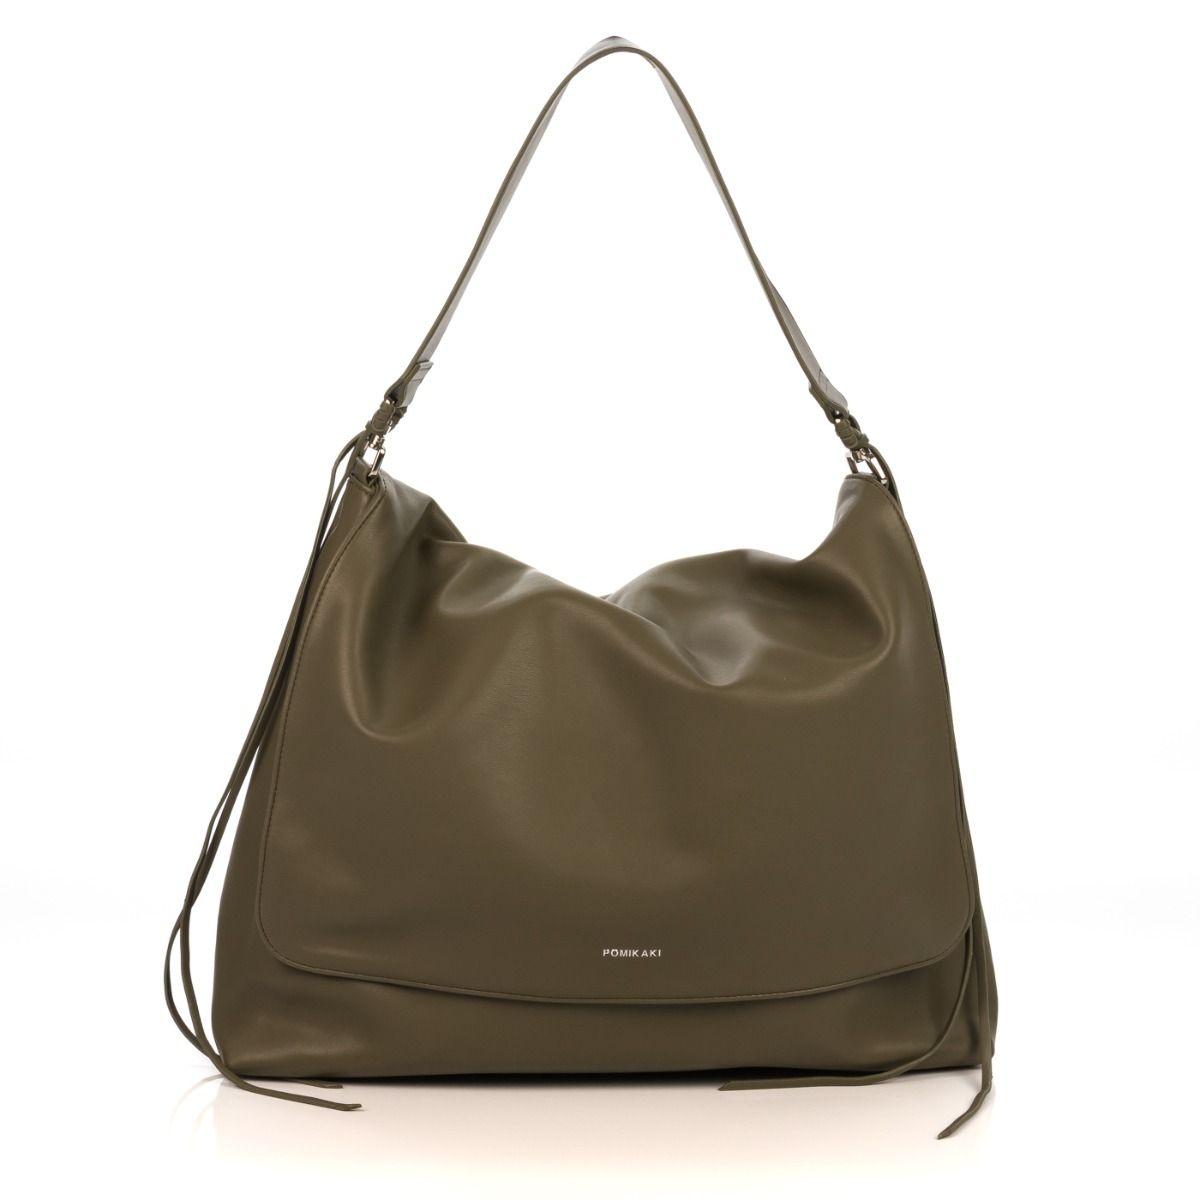 f7f71257baa32e Shopping bag donna POMIKAKI VI12 VIRGINIA in similpelle verde Shop online Shoe  Center